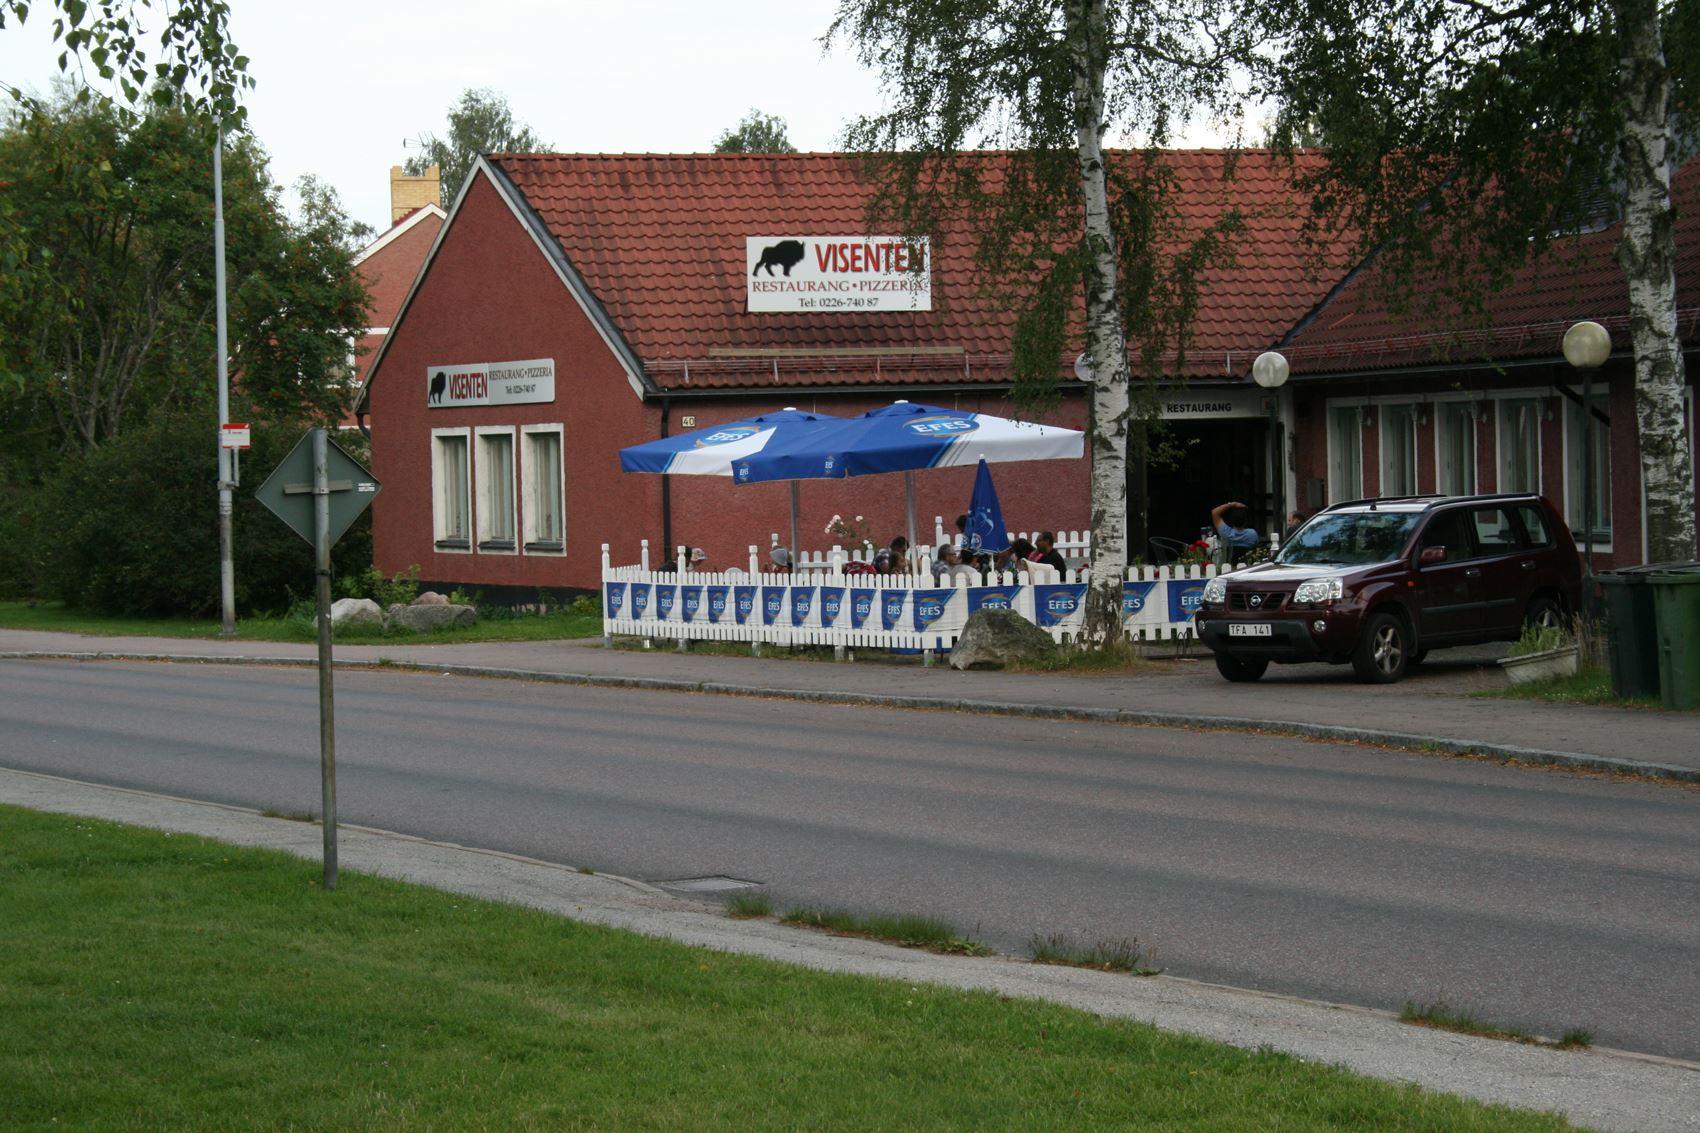 Visenten Restaurang och Pizzeria